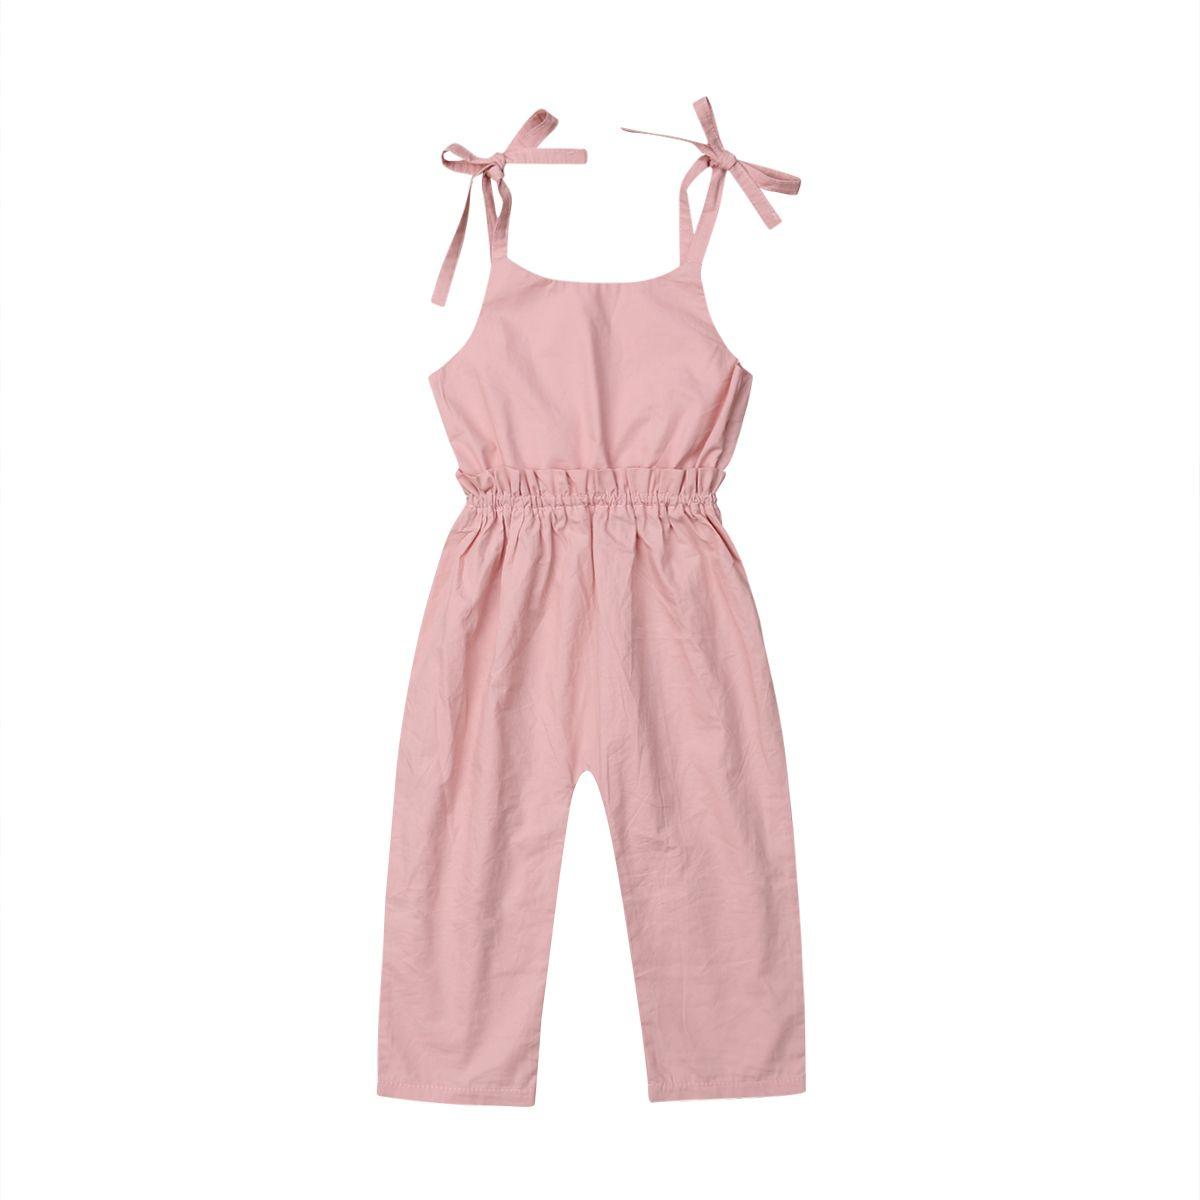 Yenidoğan Bebek Kız bebekler Yaz Backless Kayış Ruffles Romper Tulum tulum Pamuk Casual Kız Bebek Giyim 0-4Y